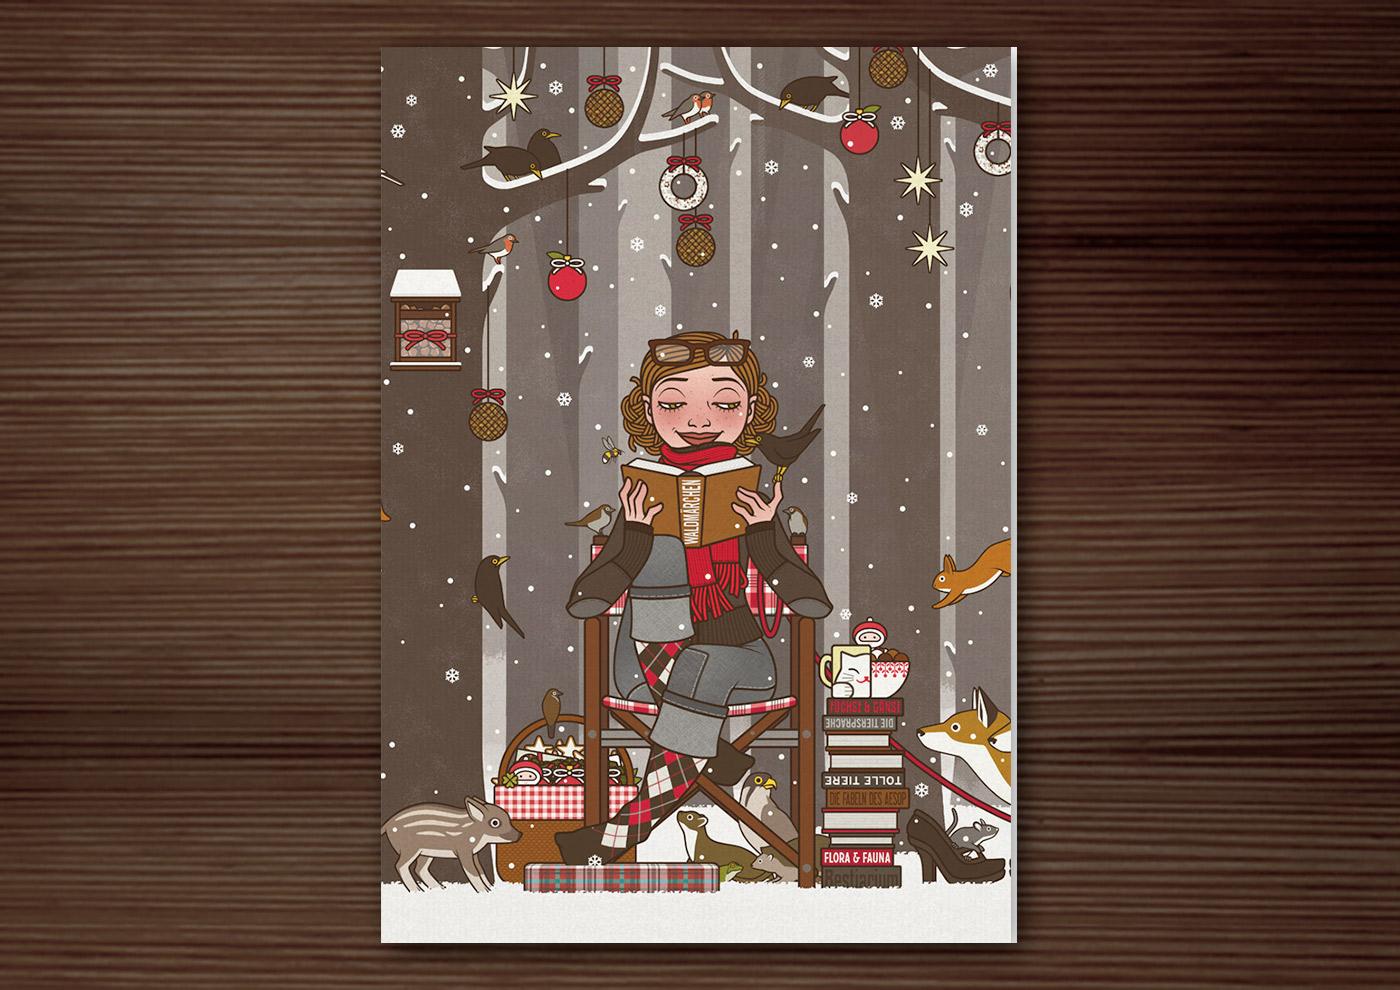 Weihnachtskarte mit der Zeichnung von einem Mädchen, das im Winter und zur Feier des Advent mitten im winterlich verschneiten Wald Tieren wie Eichhörnchen, Füchsen, Rehen, Singvögeln und Amseln vorliest und den Wald außerdem mit Meisenknödeln, Meisenringen und Vogelfutter schmückt, für Lily Lux von Iris Luckhaus